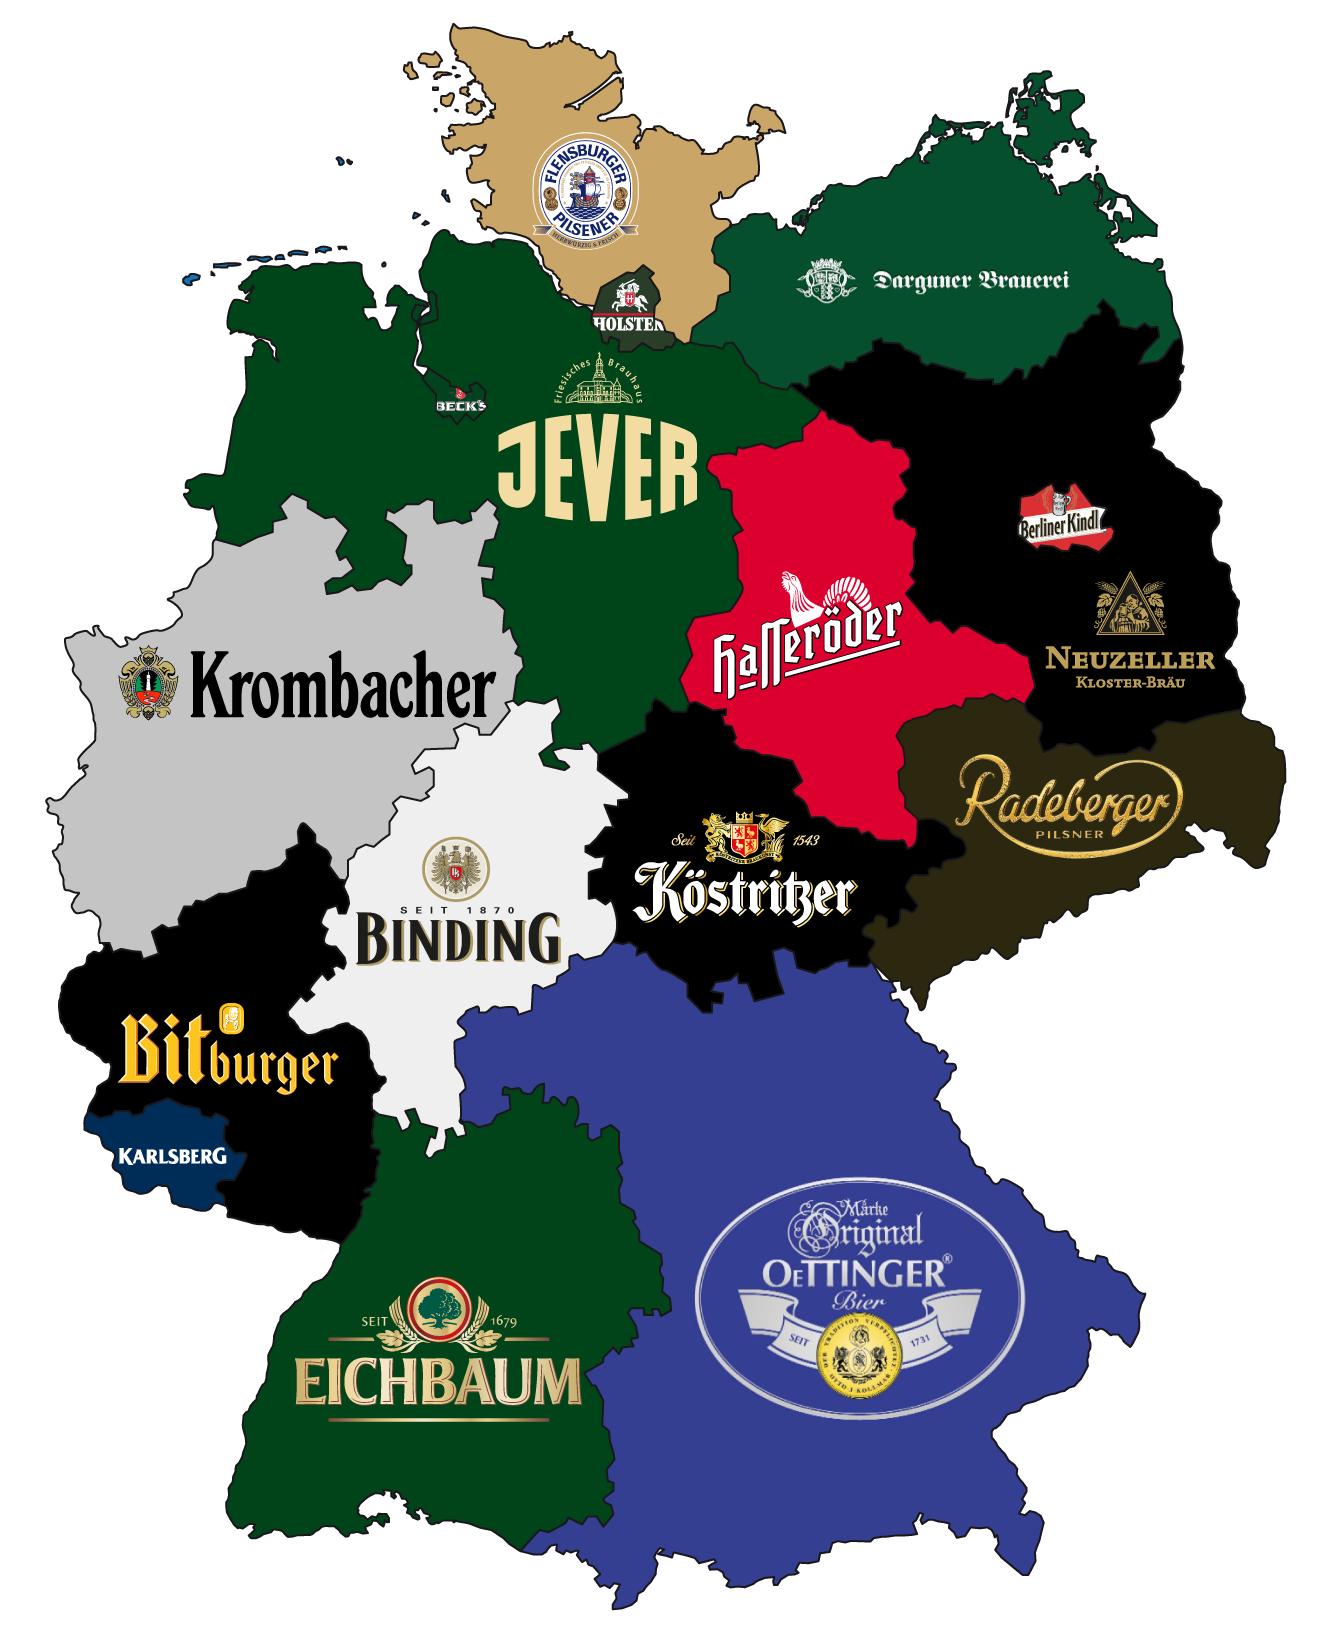 Bierrepublik Deutschland eine Karte mit dem bekanntesten